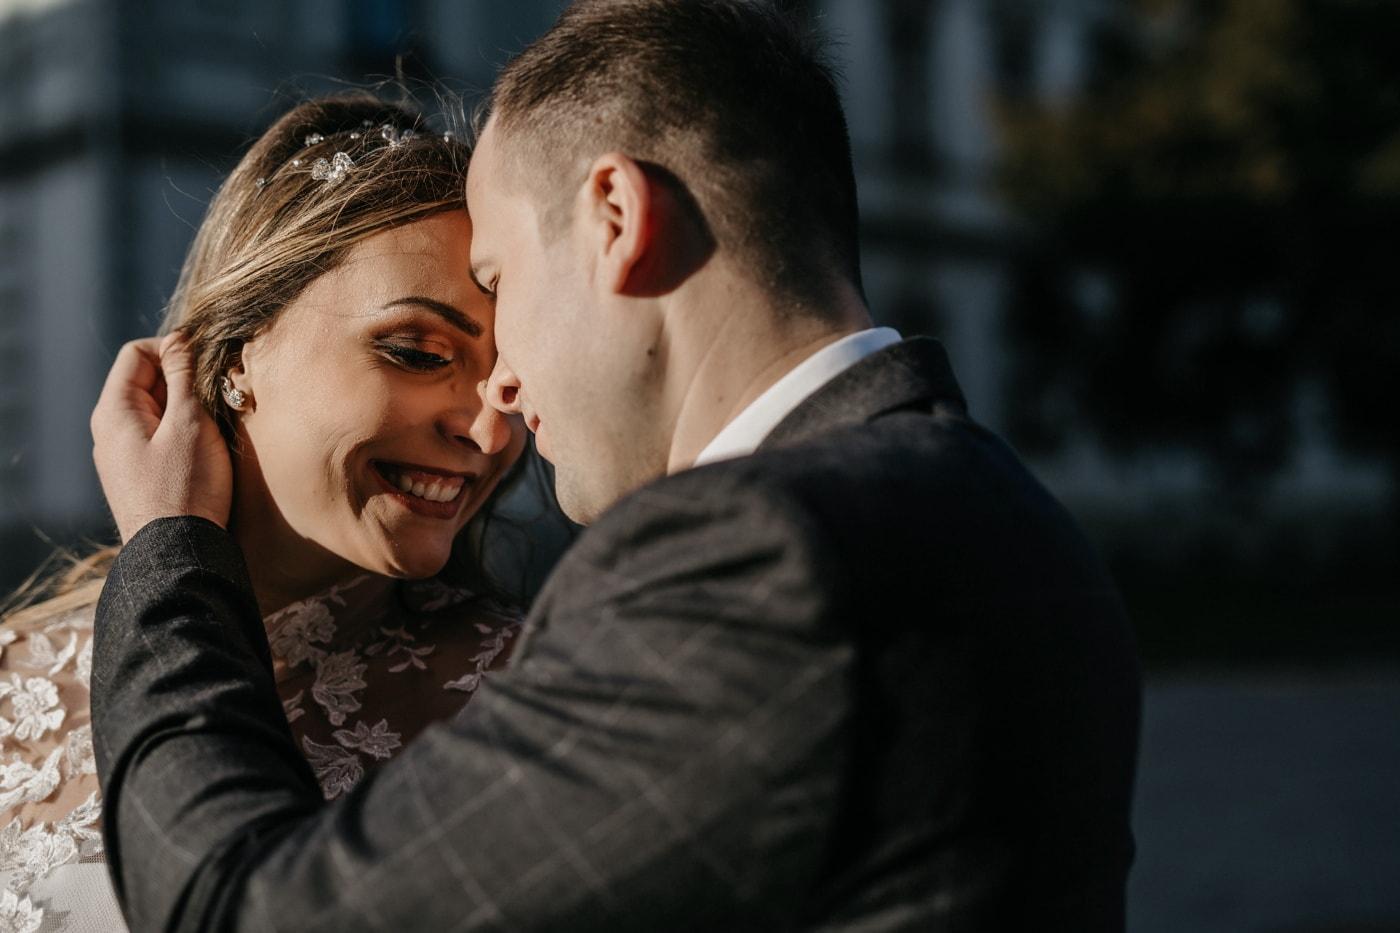 boyfriend, tenderness, girlfriend, close-up, smile, portrait, embrace, affection, love, woman